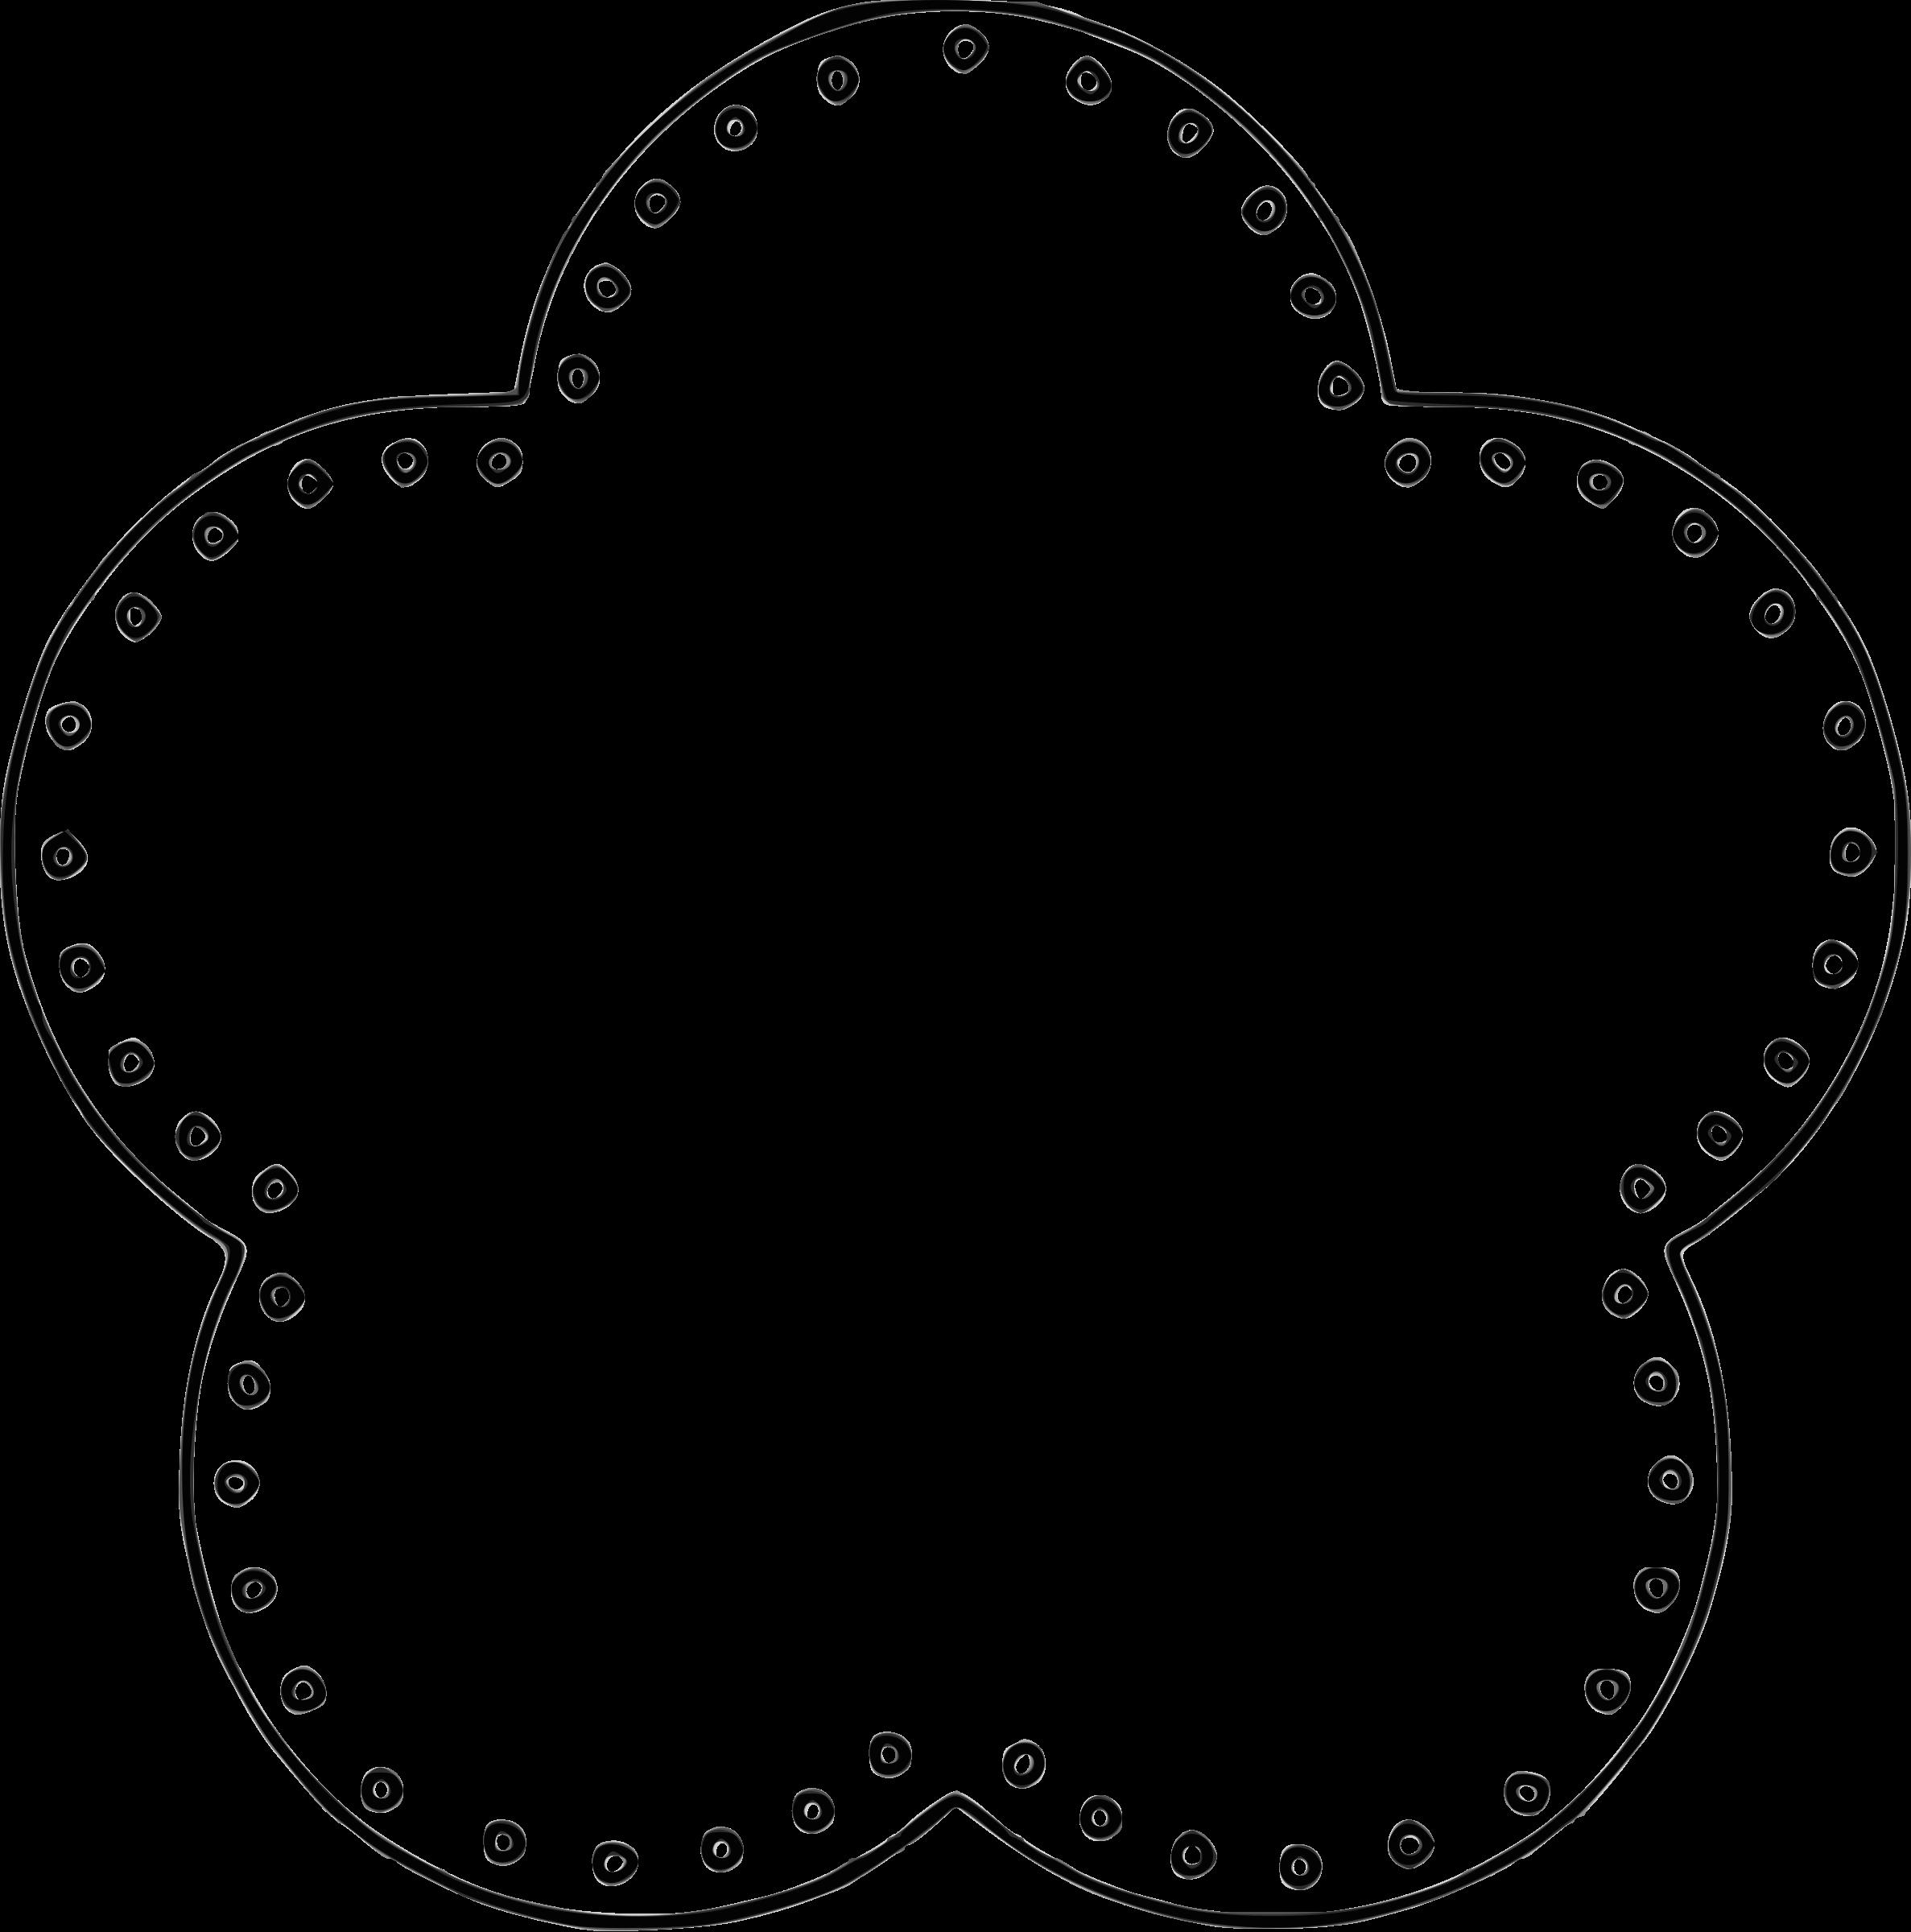 Circle clipart image 2